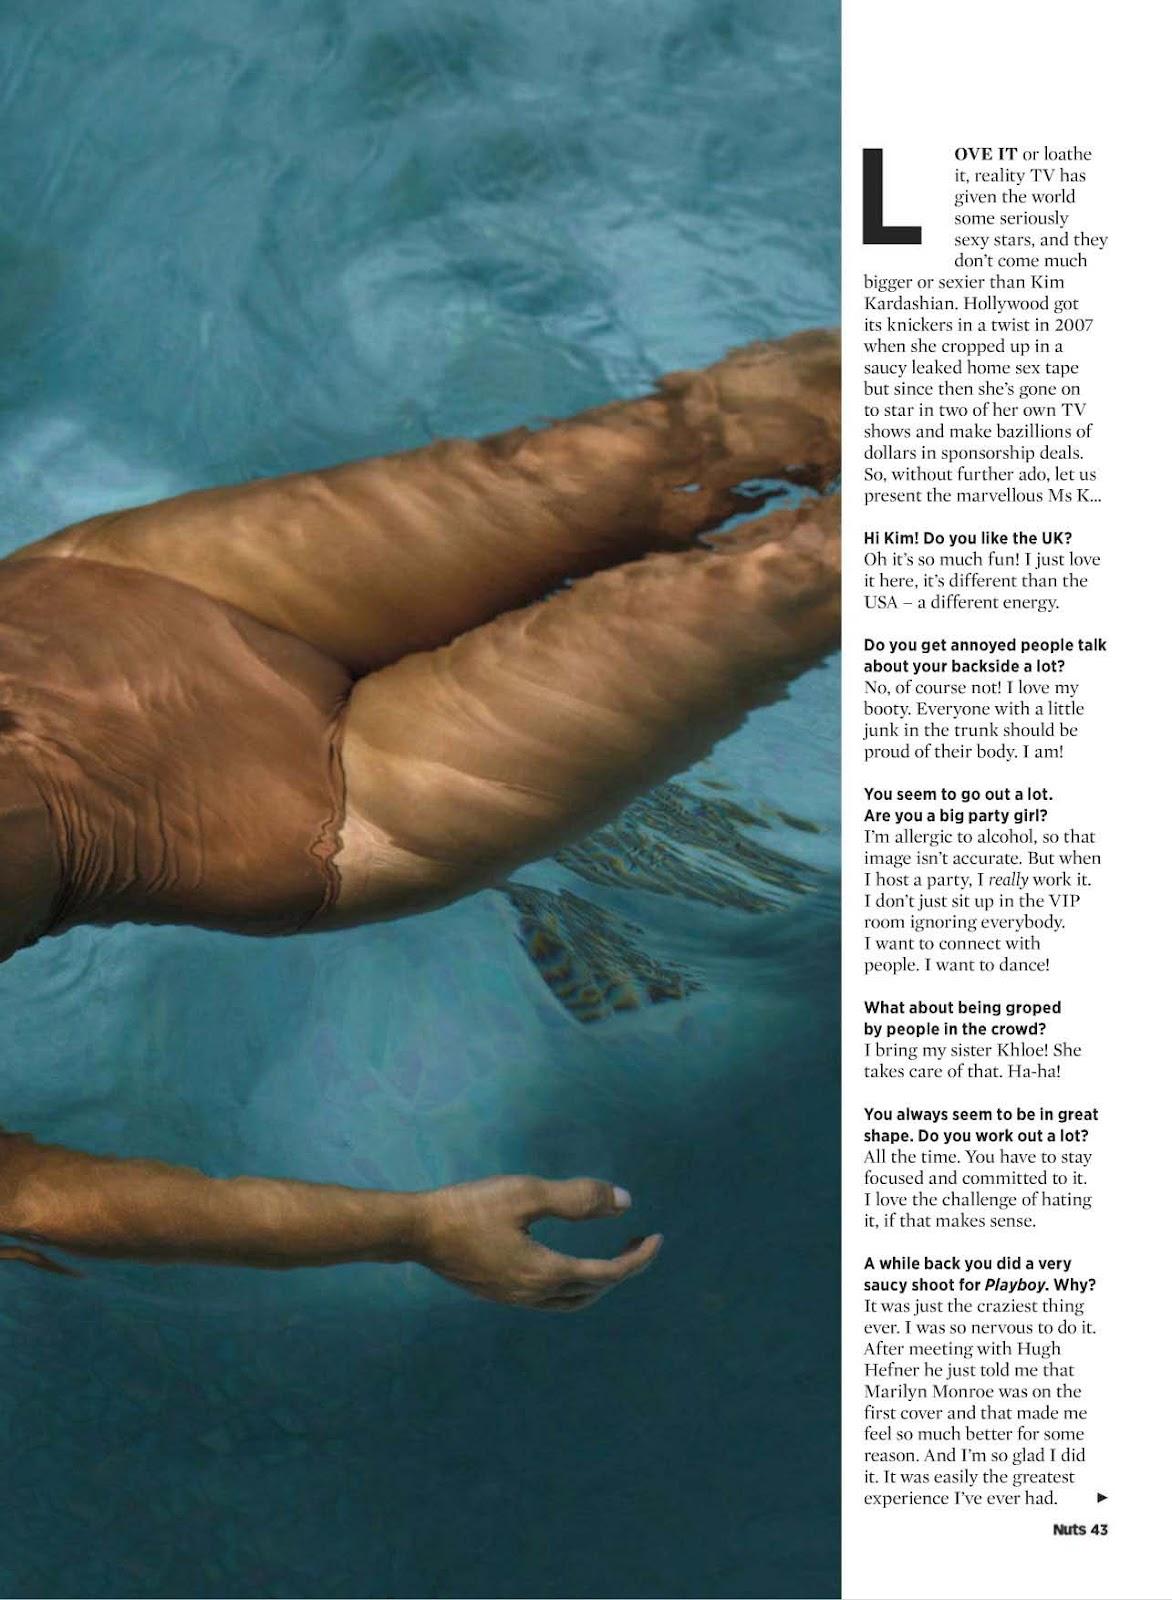 http://4.bp.blogspot.com/-APxDkTGi6BM/UFirQGh8zWI/AAAAAAAA_GQ/xDjNHnYlGwg/s1600/Kim+Kardashian+in+Nuts-03.jpg